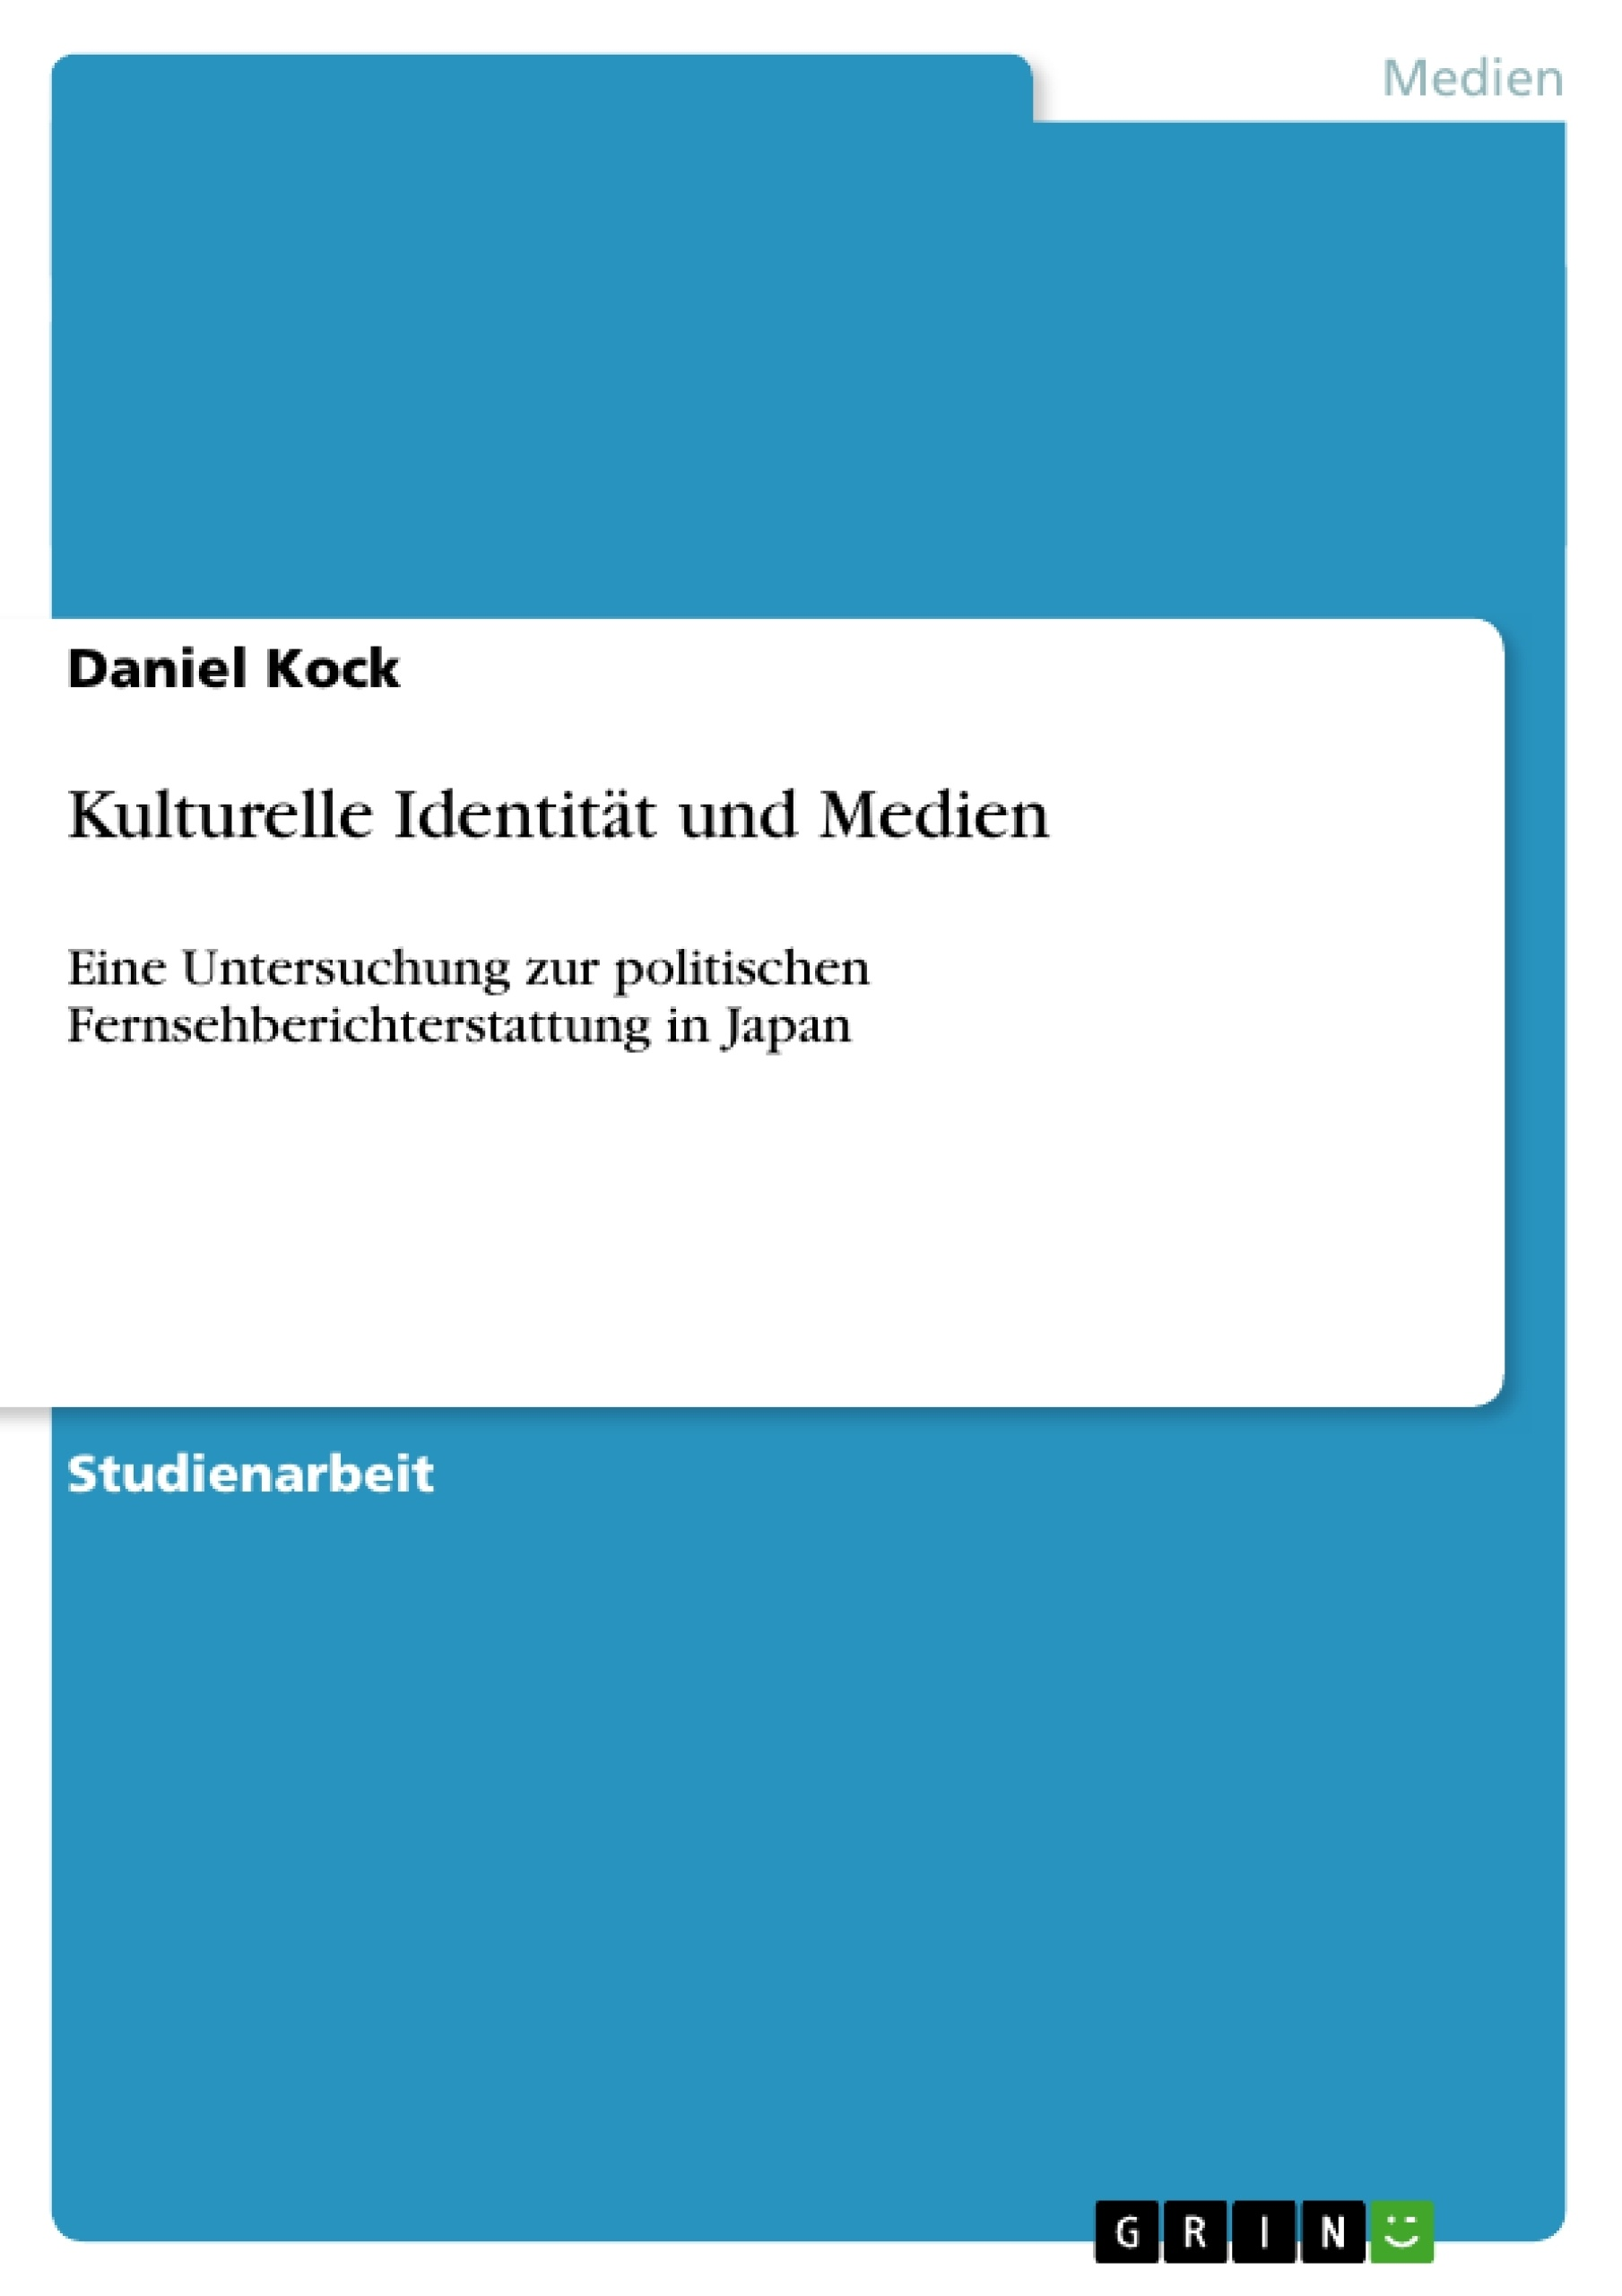 Titel: Kulturelle Identität und Medien